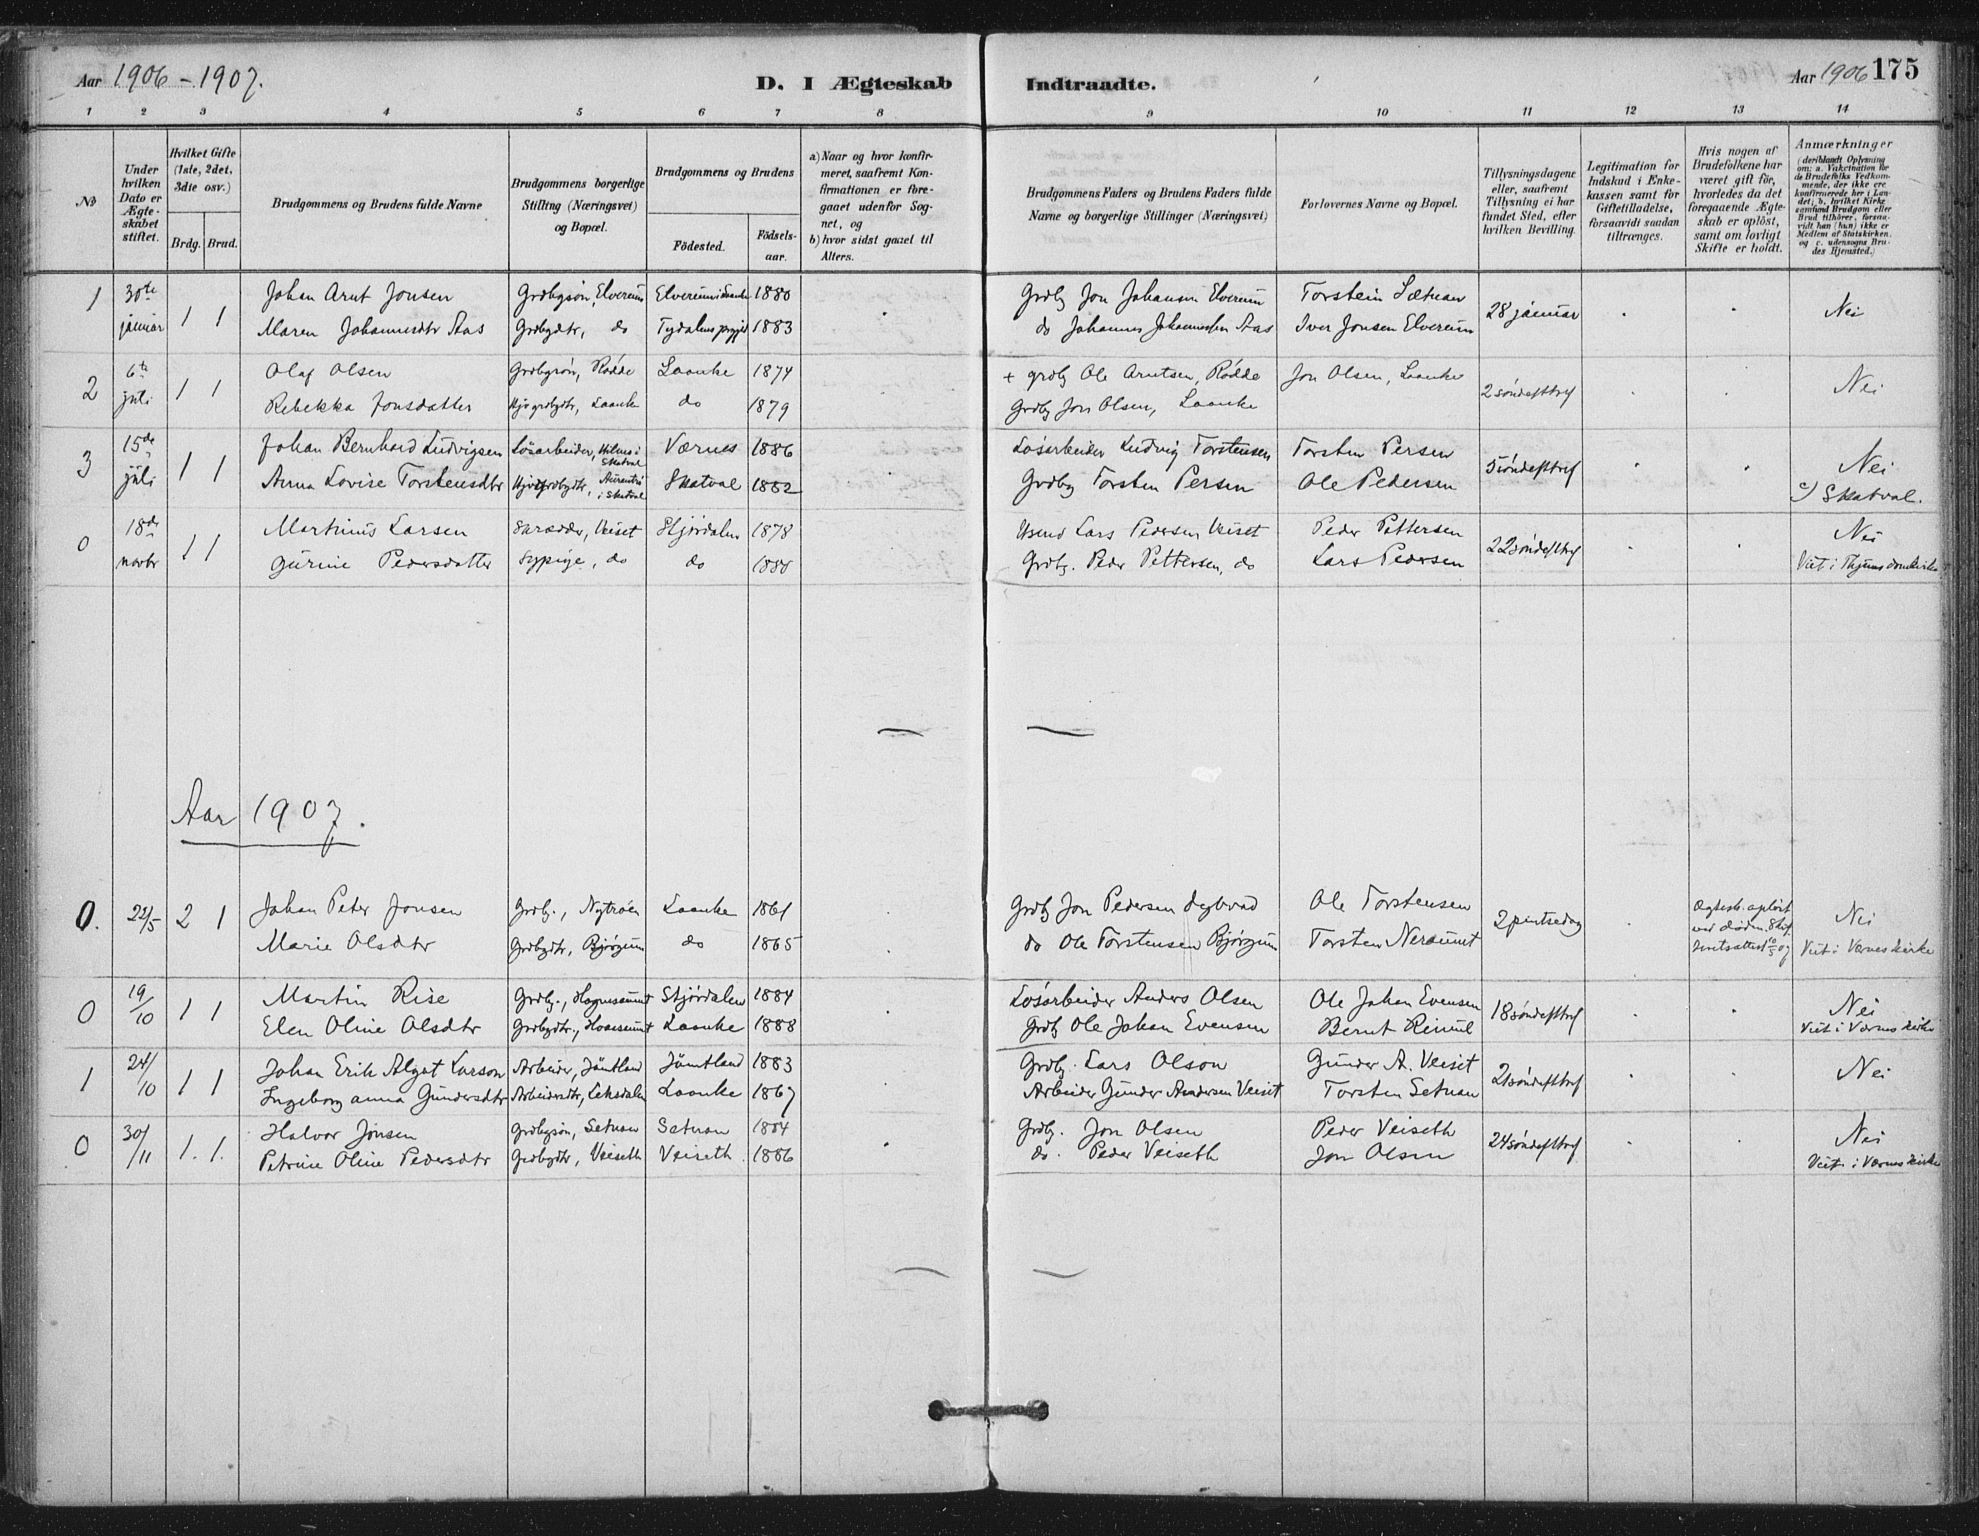 SAT, Ministerialprotokoller, klokkerbøker og fødselsregistre - Nord-Trøndelag, 710/L0095: Ministerialbok nr. 710A01, 1880-1914, s. 175